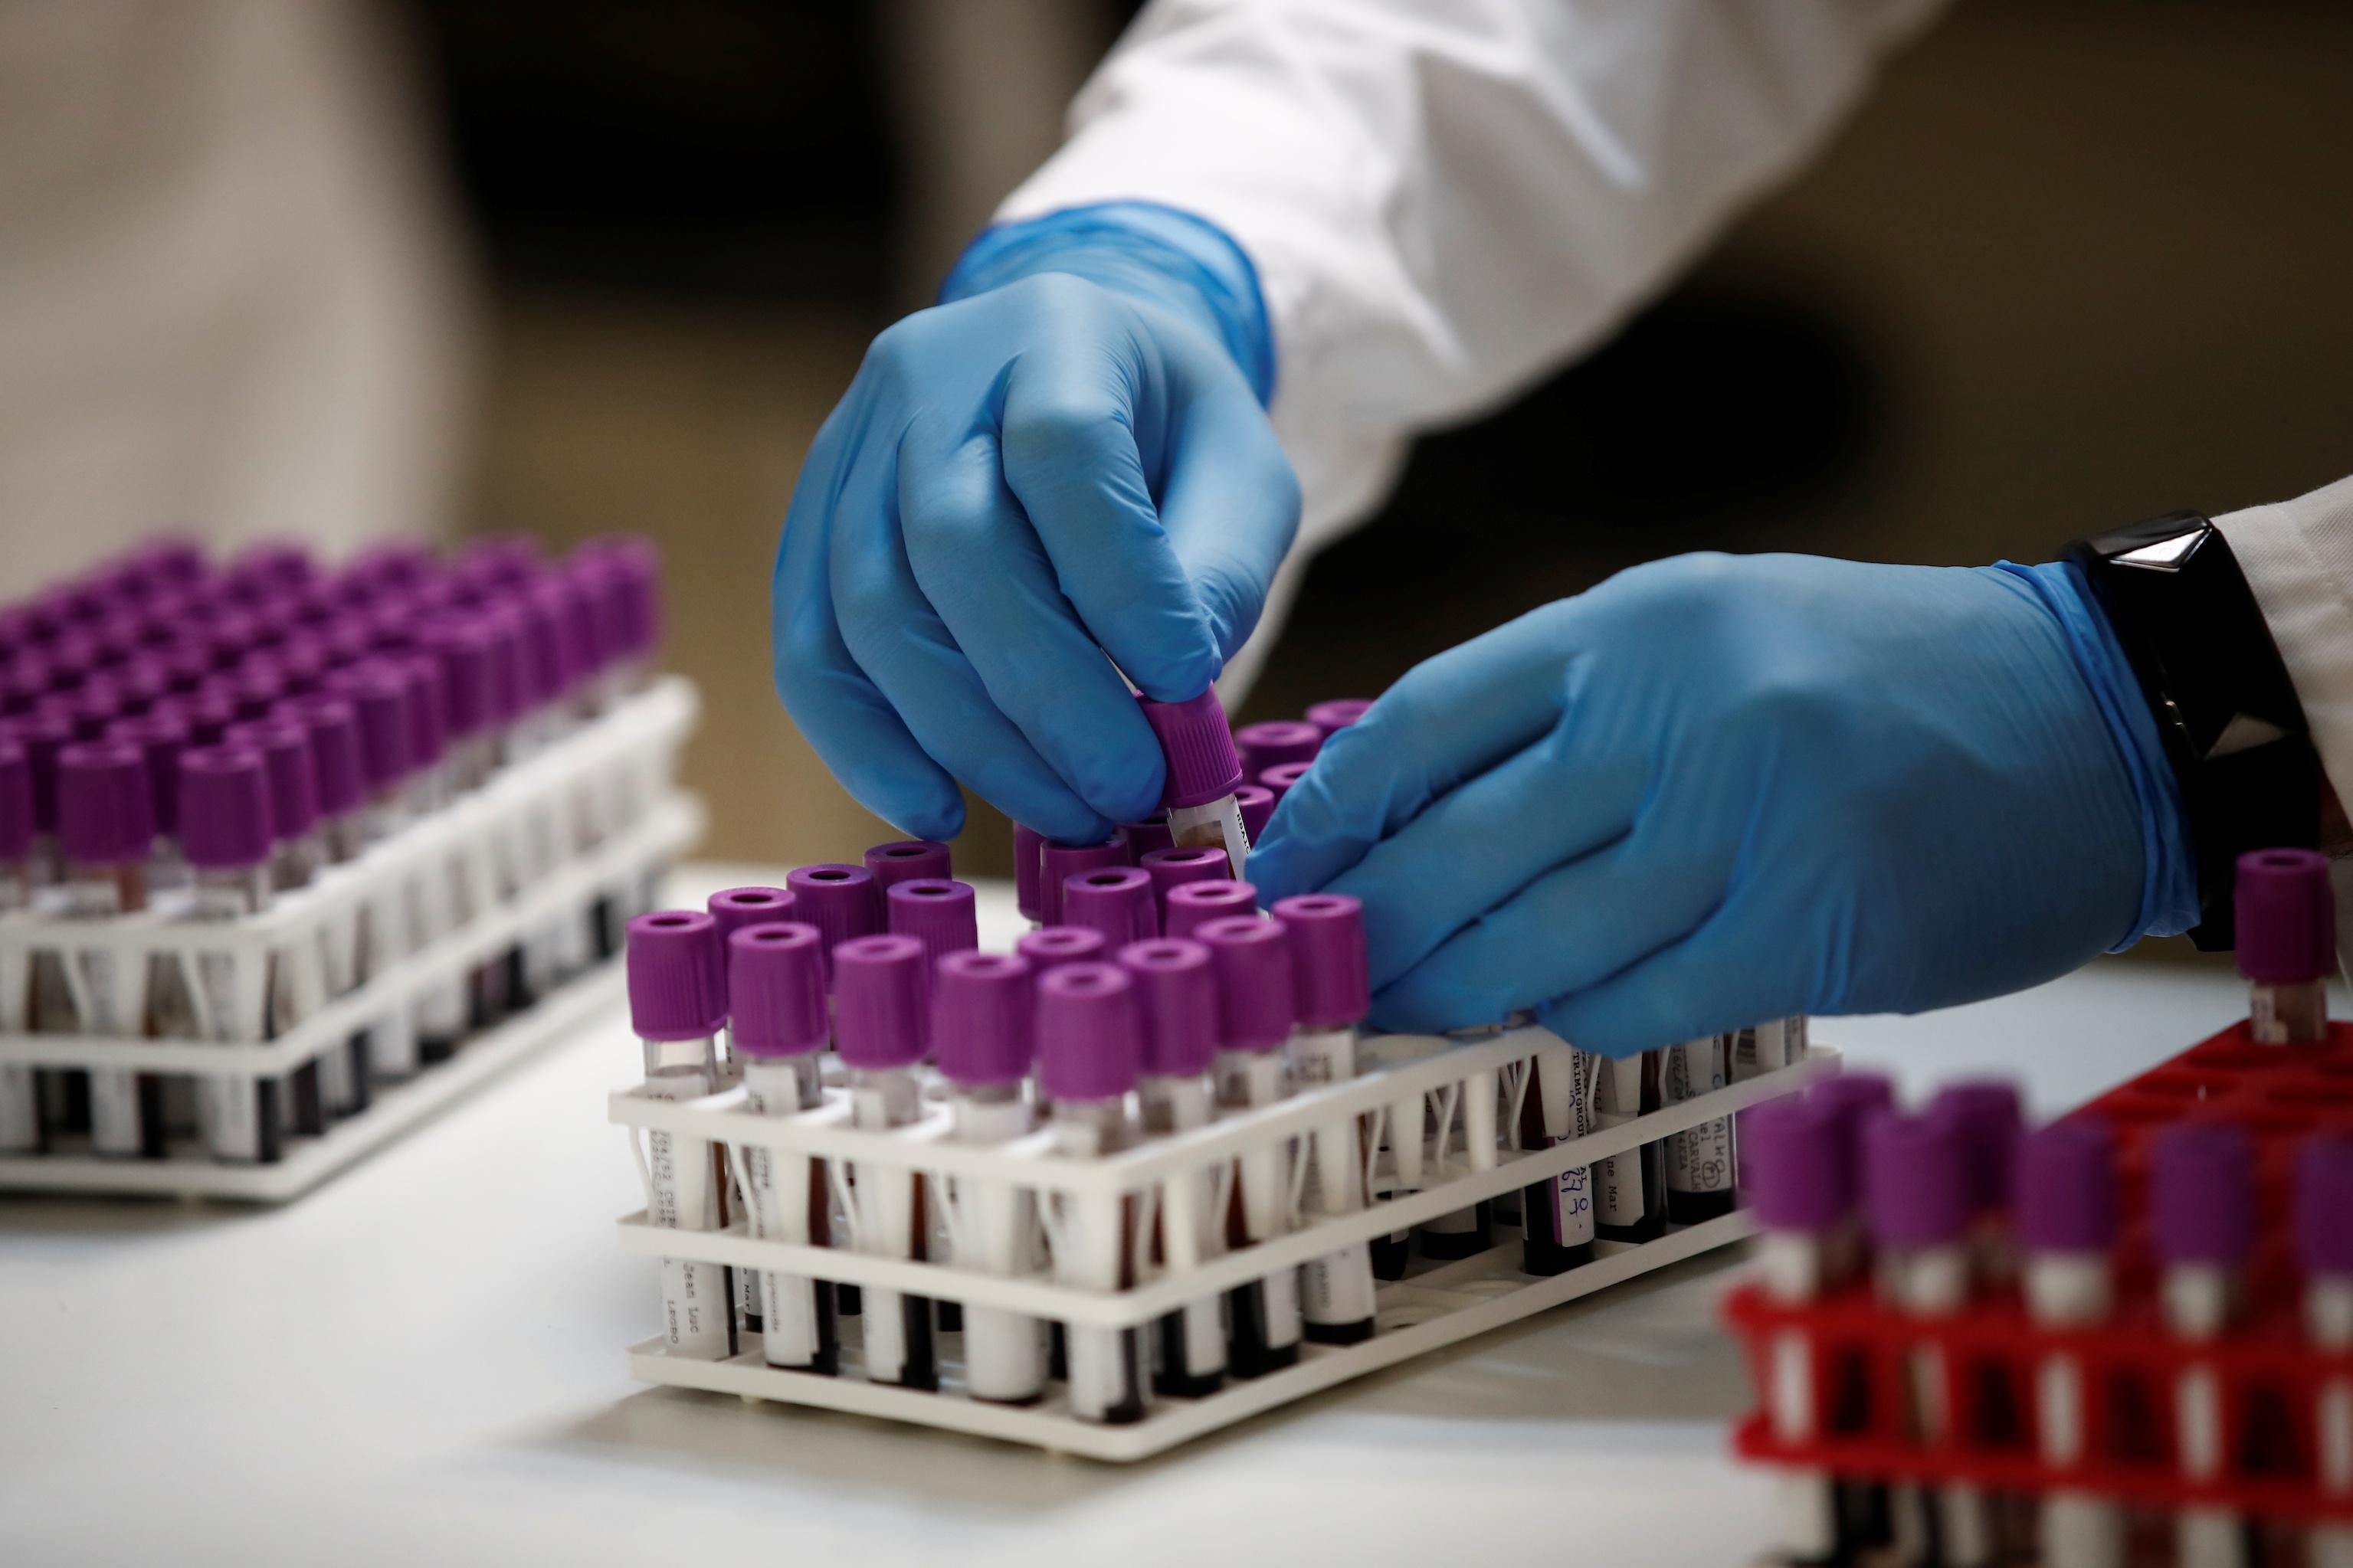 Novel coronavirus thumbnail COVID-19 laboratory test thumbnail testing